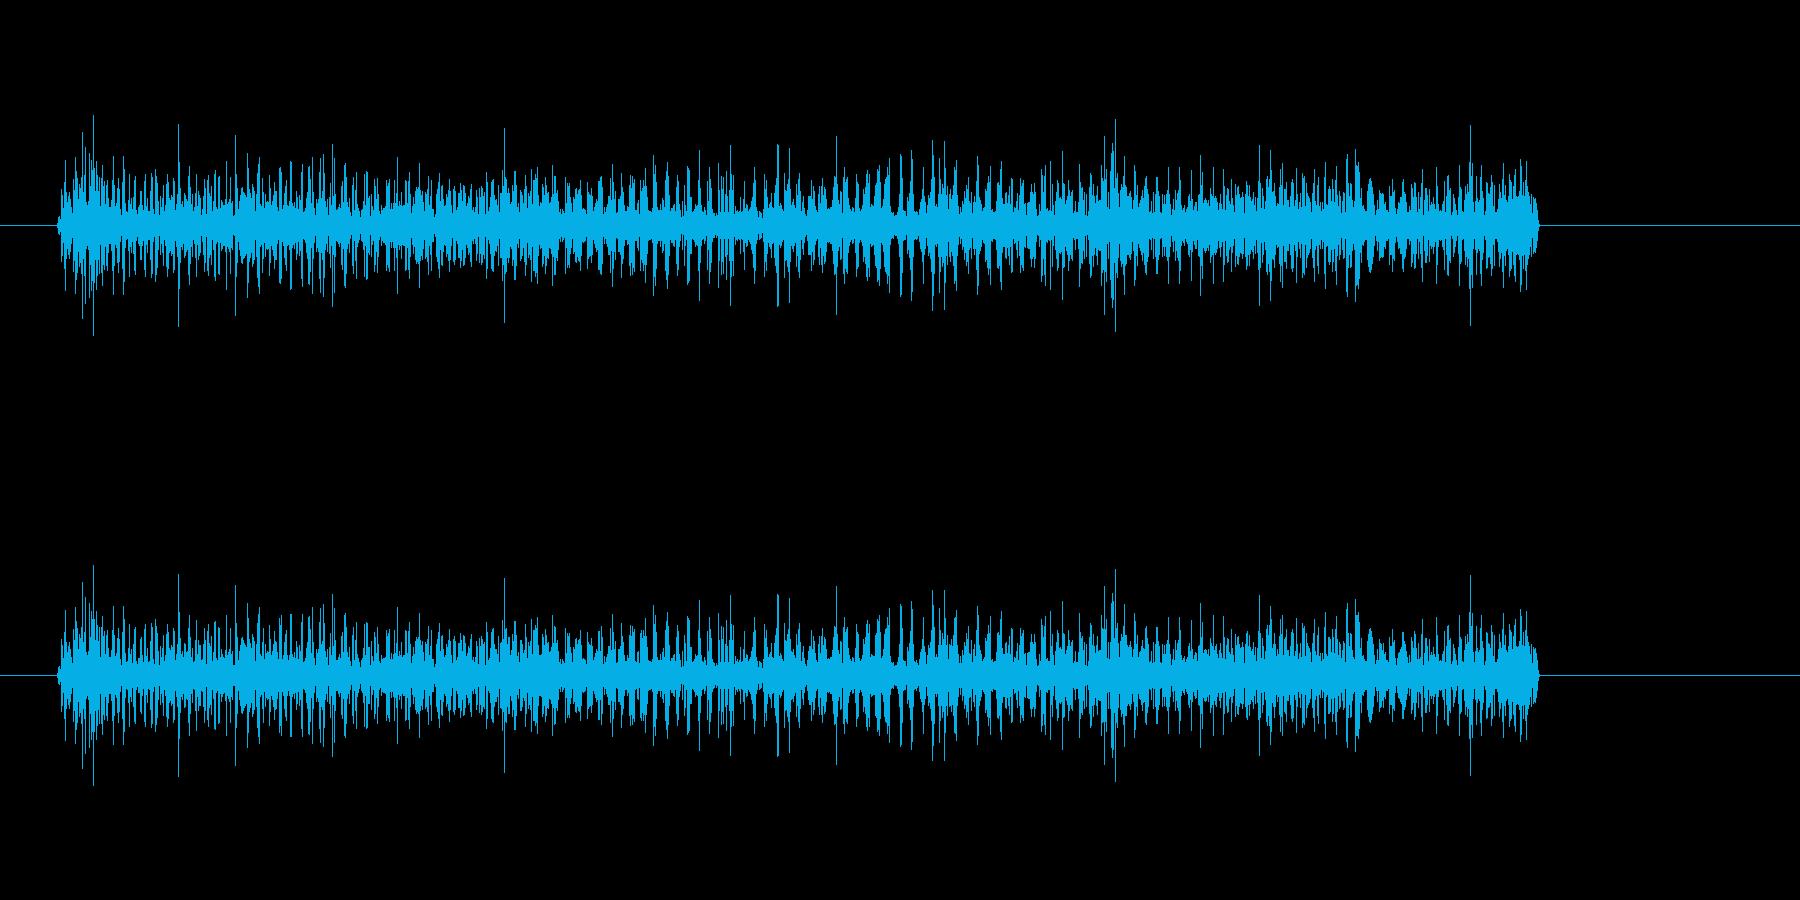 【電流01-2】の再生済みの波形